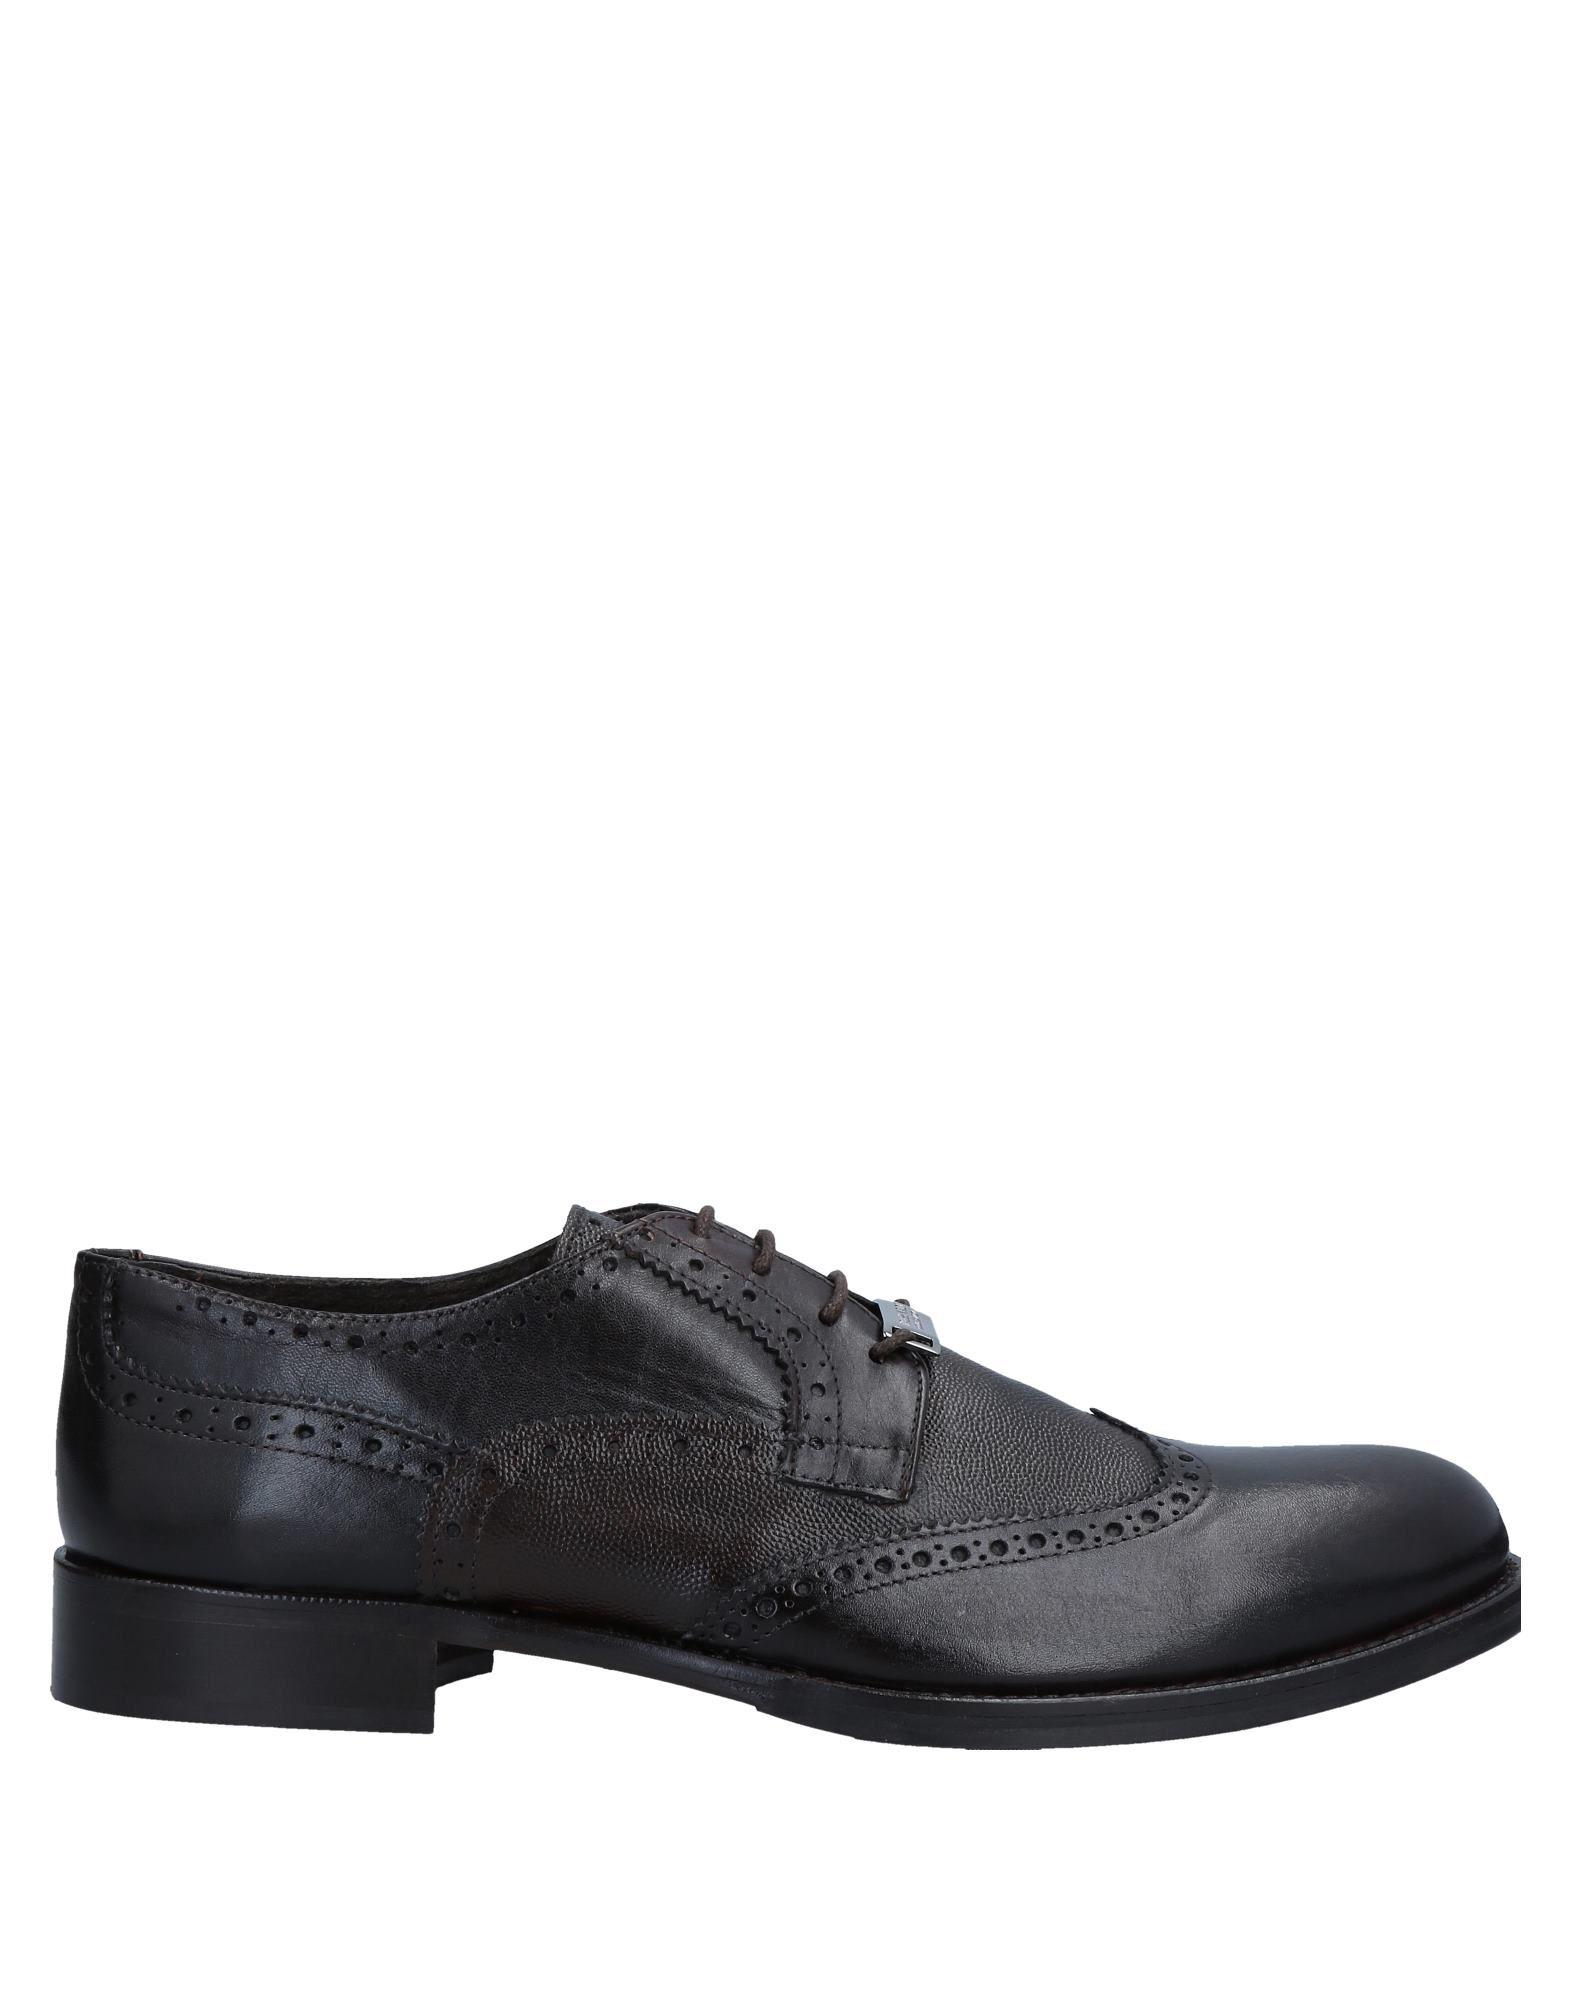 Фото - TRUSSARDI Обувь на шнурках trussardi jeans обувь на шнурках